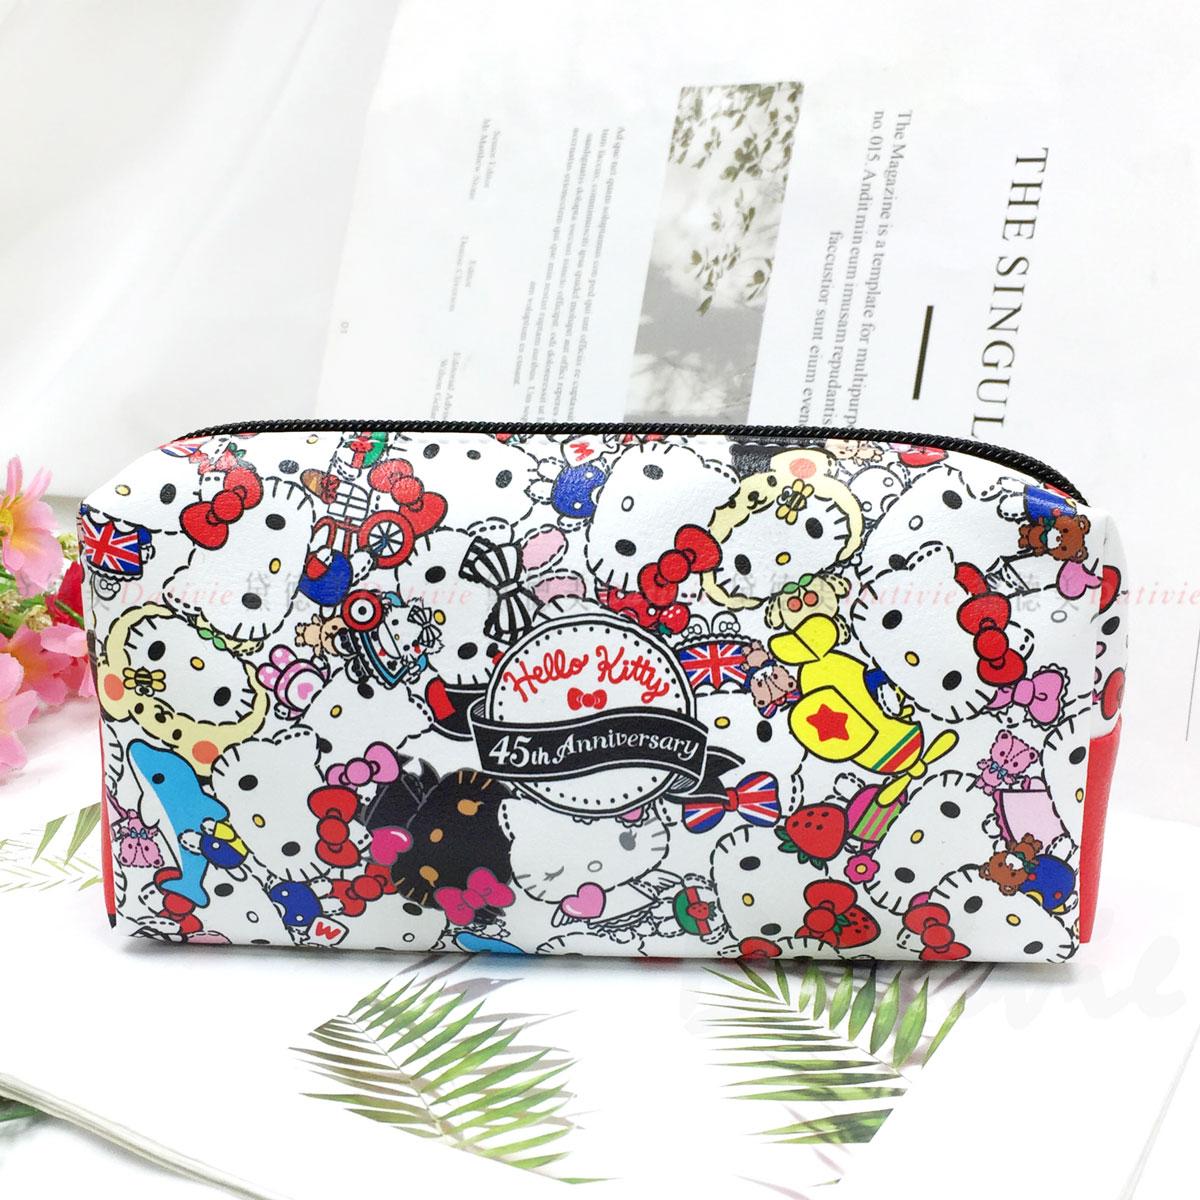 仿皮筆袋-凱蒂貓  HELLO KITTY 三麗鷗 Sanrio 正版授權